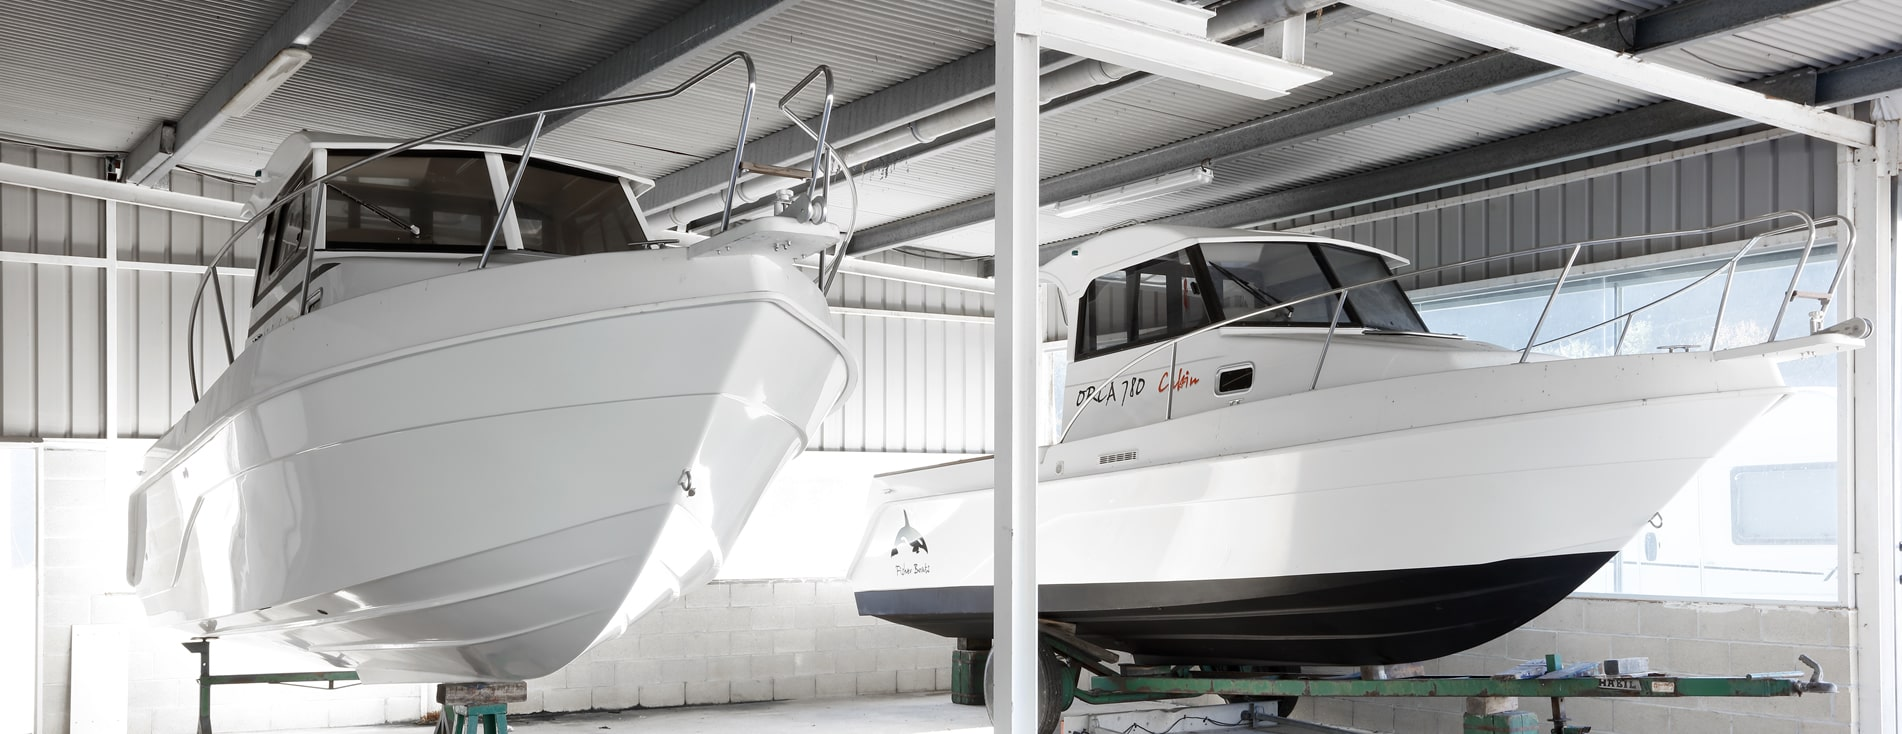 Compra y venta de barcos y lanchas de ocasión en Orio